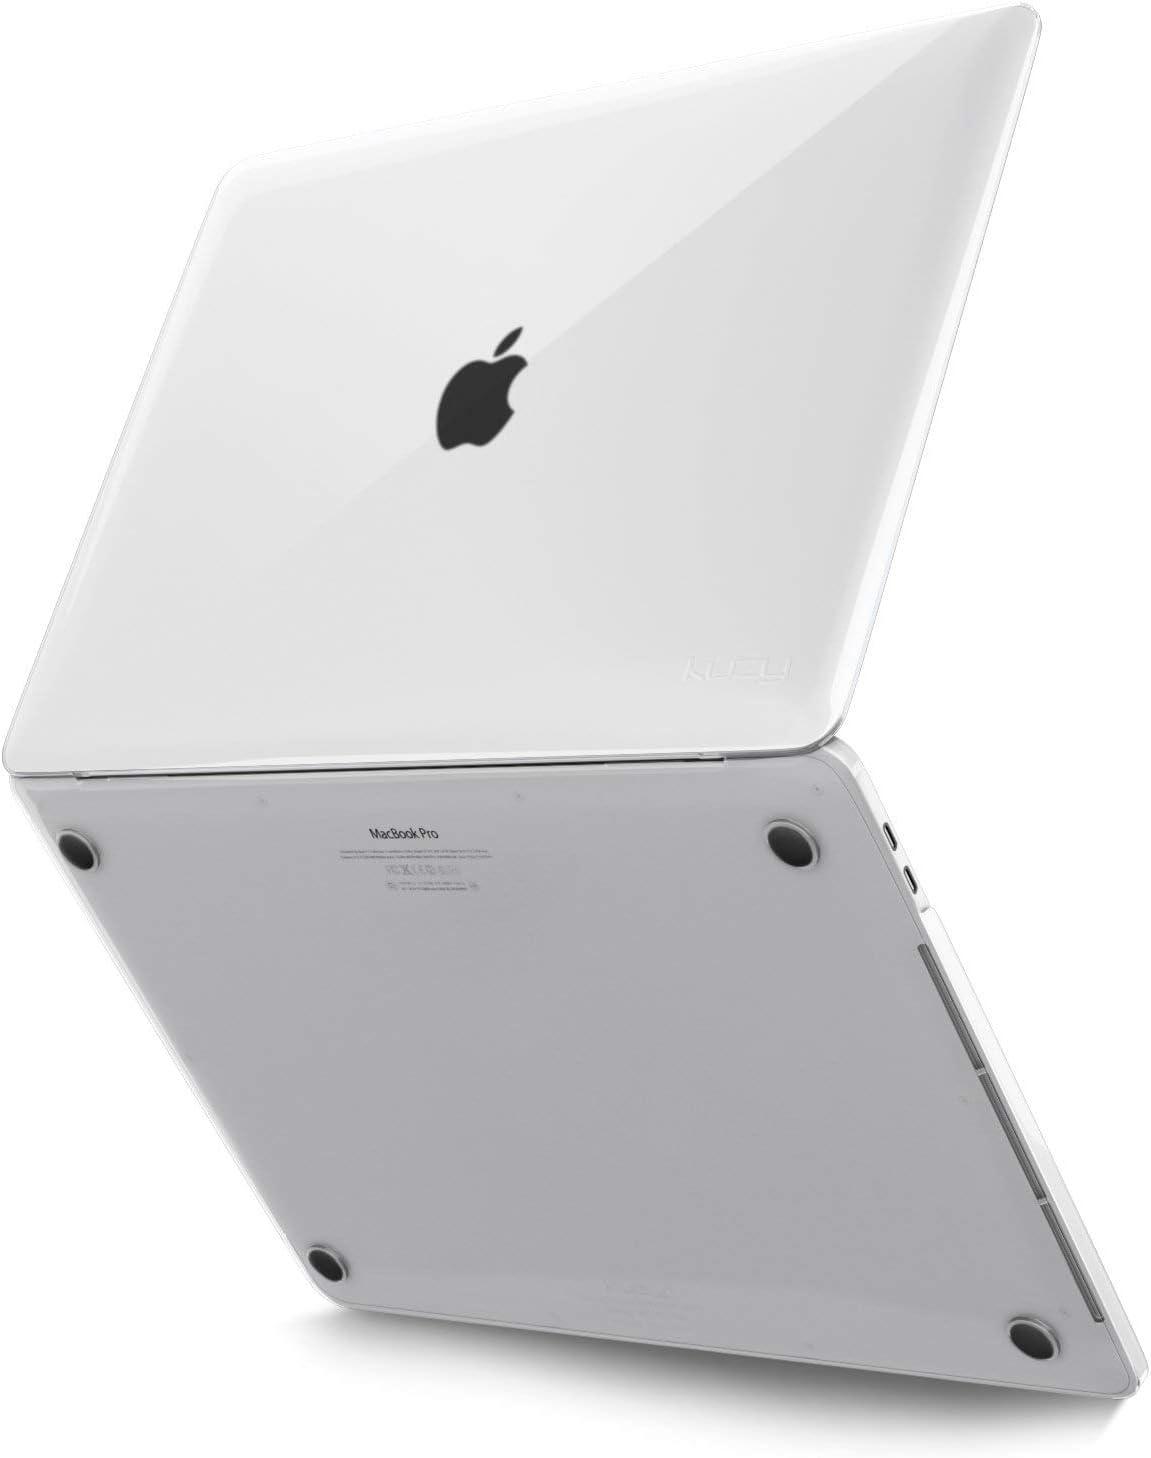 Laptop Sleeve 15 Inch Macbook Pro Macbook Pro 15 Inch Case a1398 a1990 a1707 Grey,G38 Macbook Pro Case Macbook Pro Sleeve 15 Inch